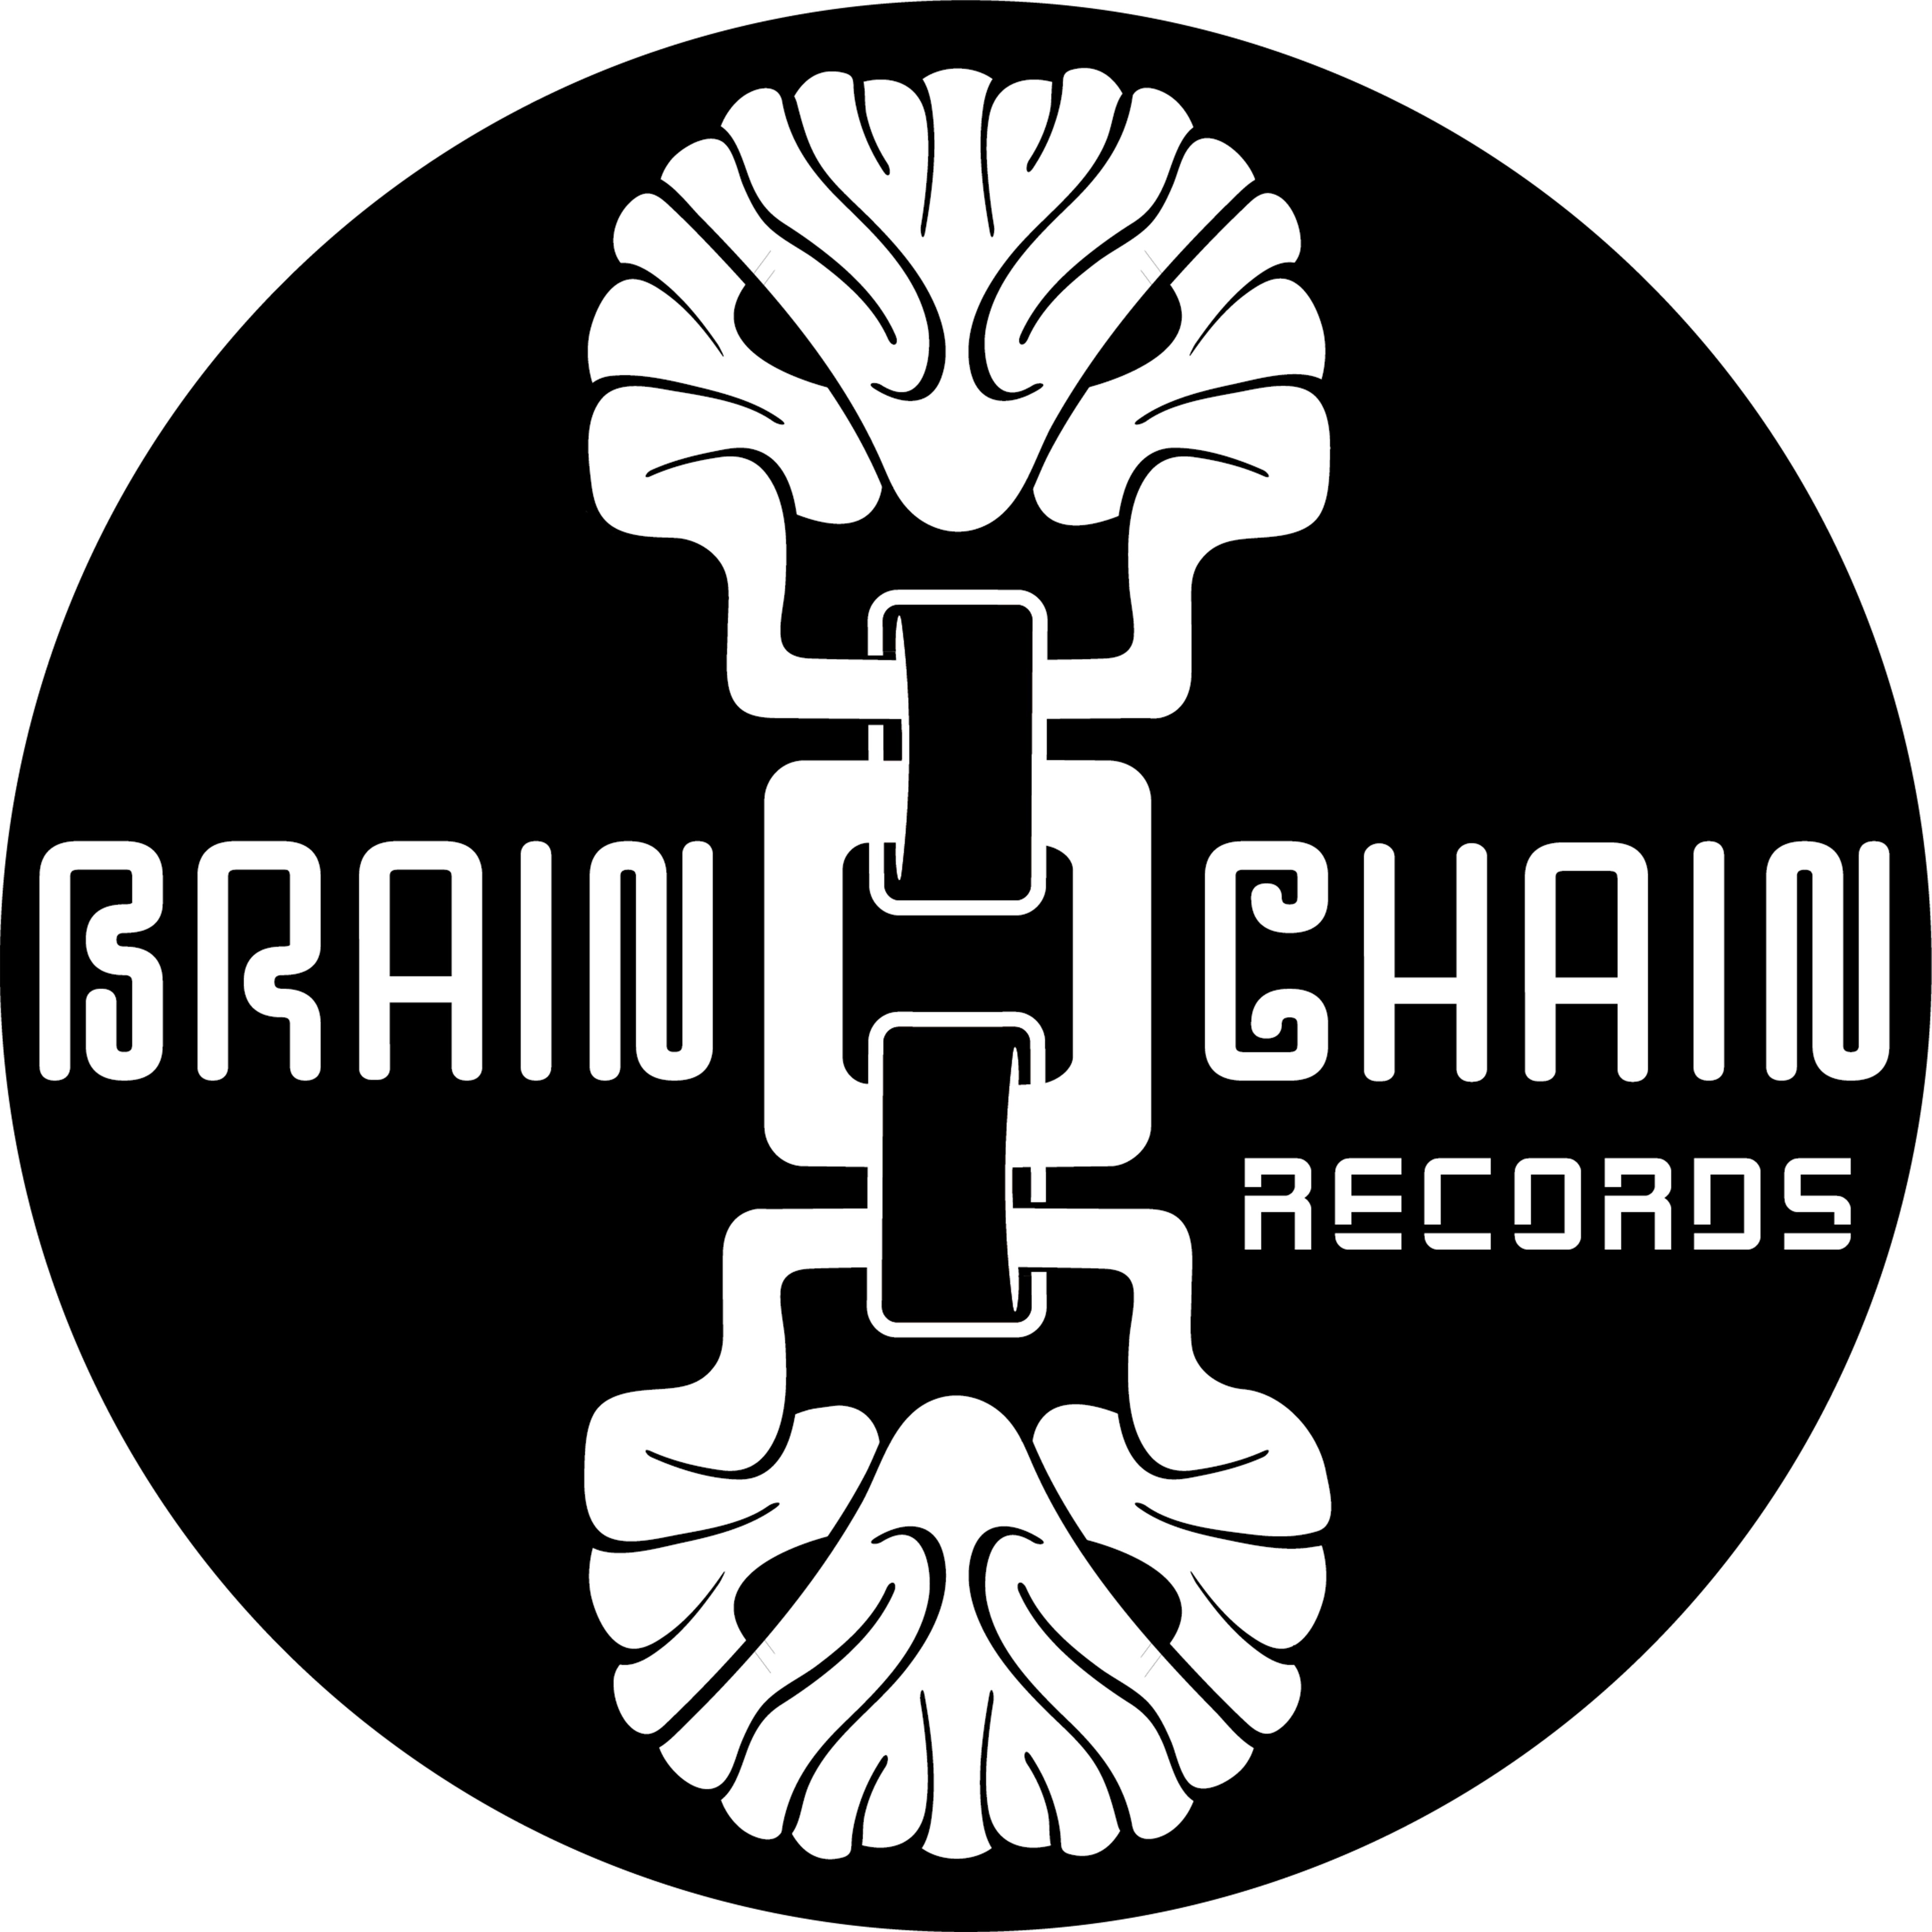 Brain Chain Records